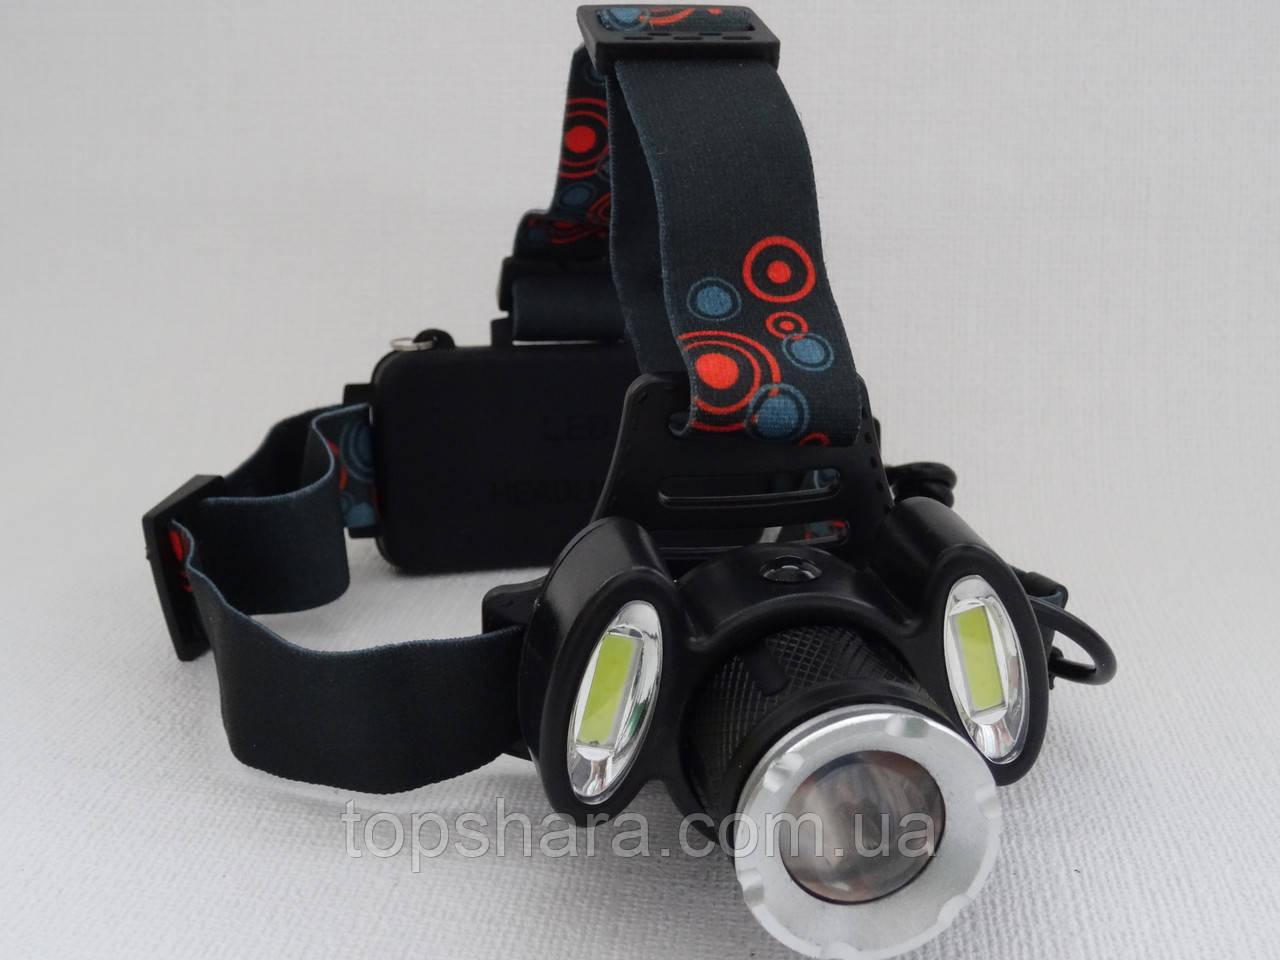 Фонарь налобный Bailong BL-C866-T6 Gree 80000W Black